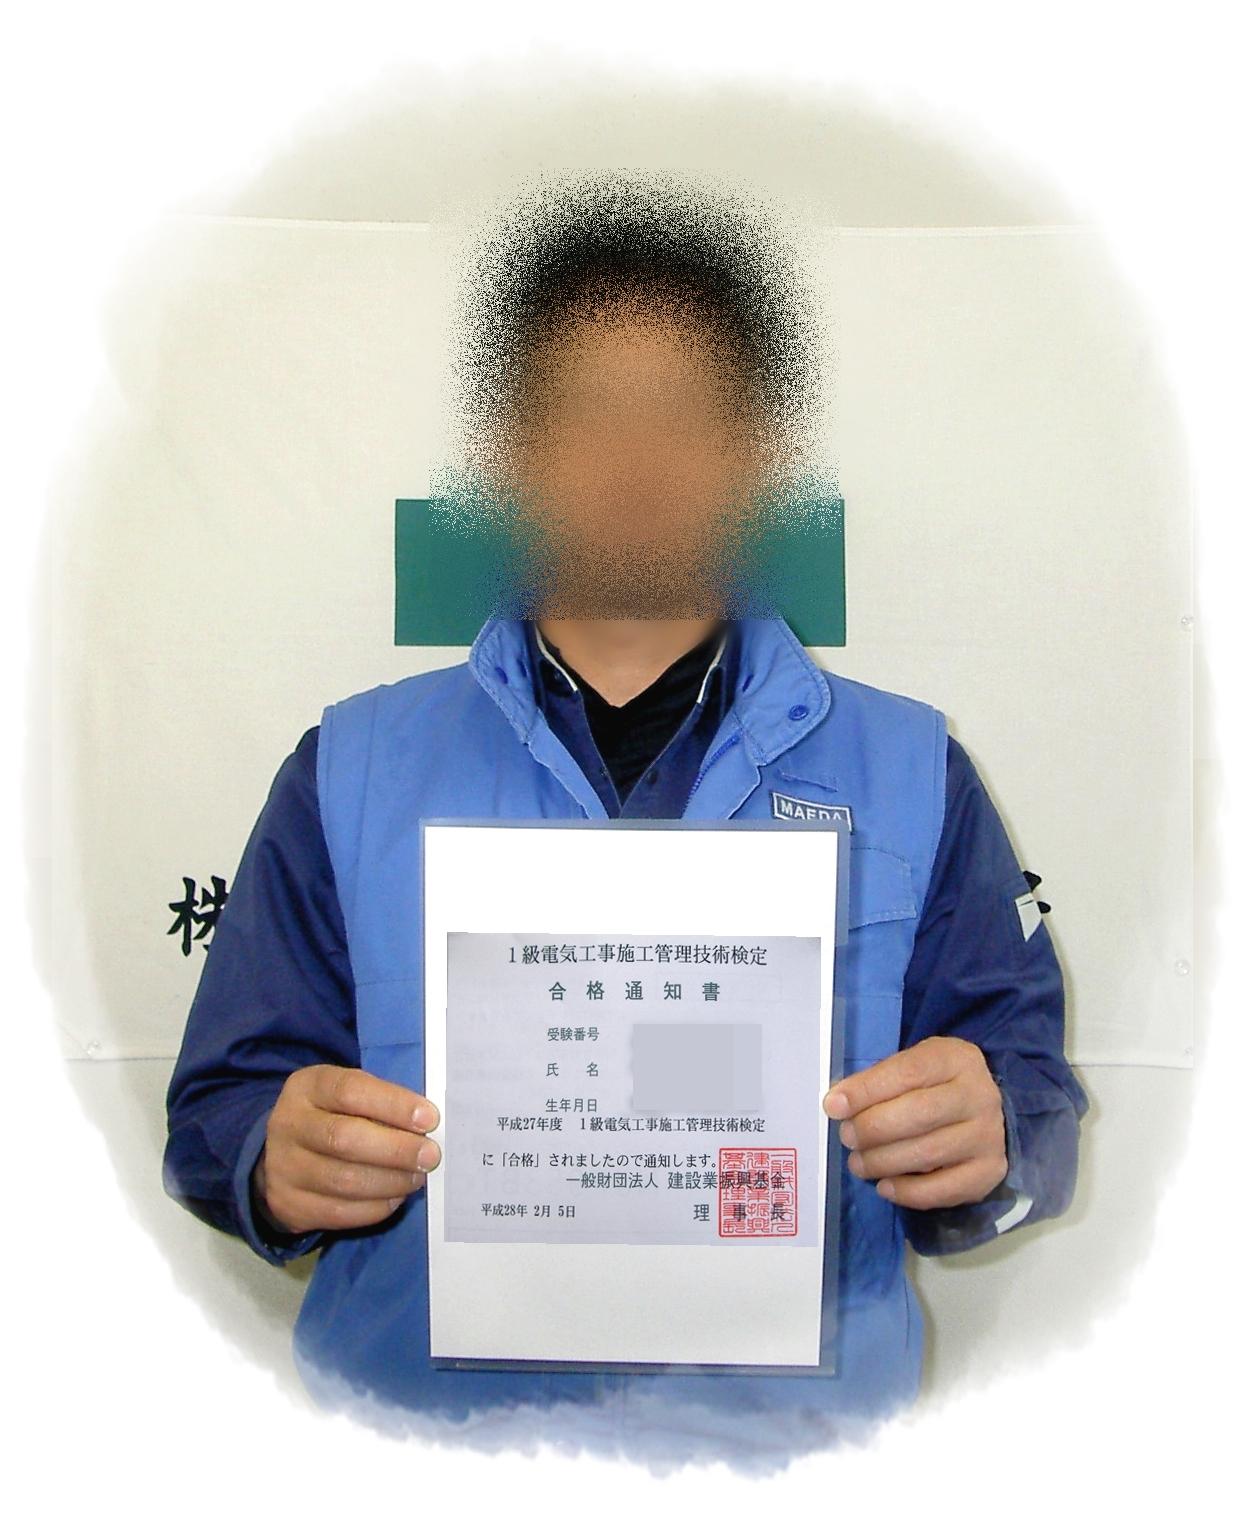 工事 技士 1 級 管理 電気 施工